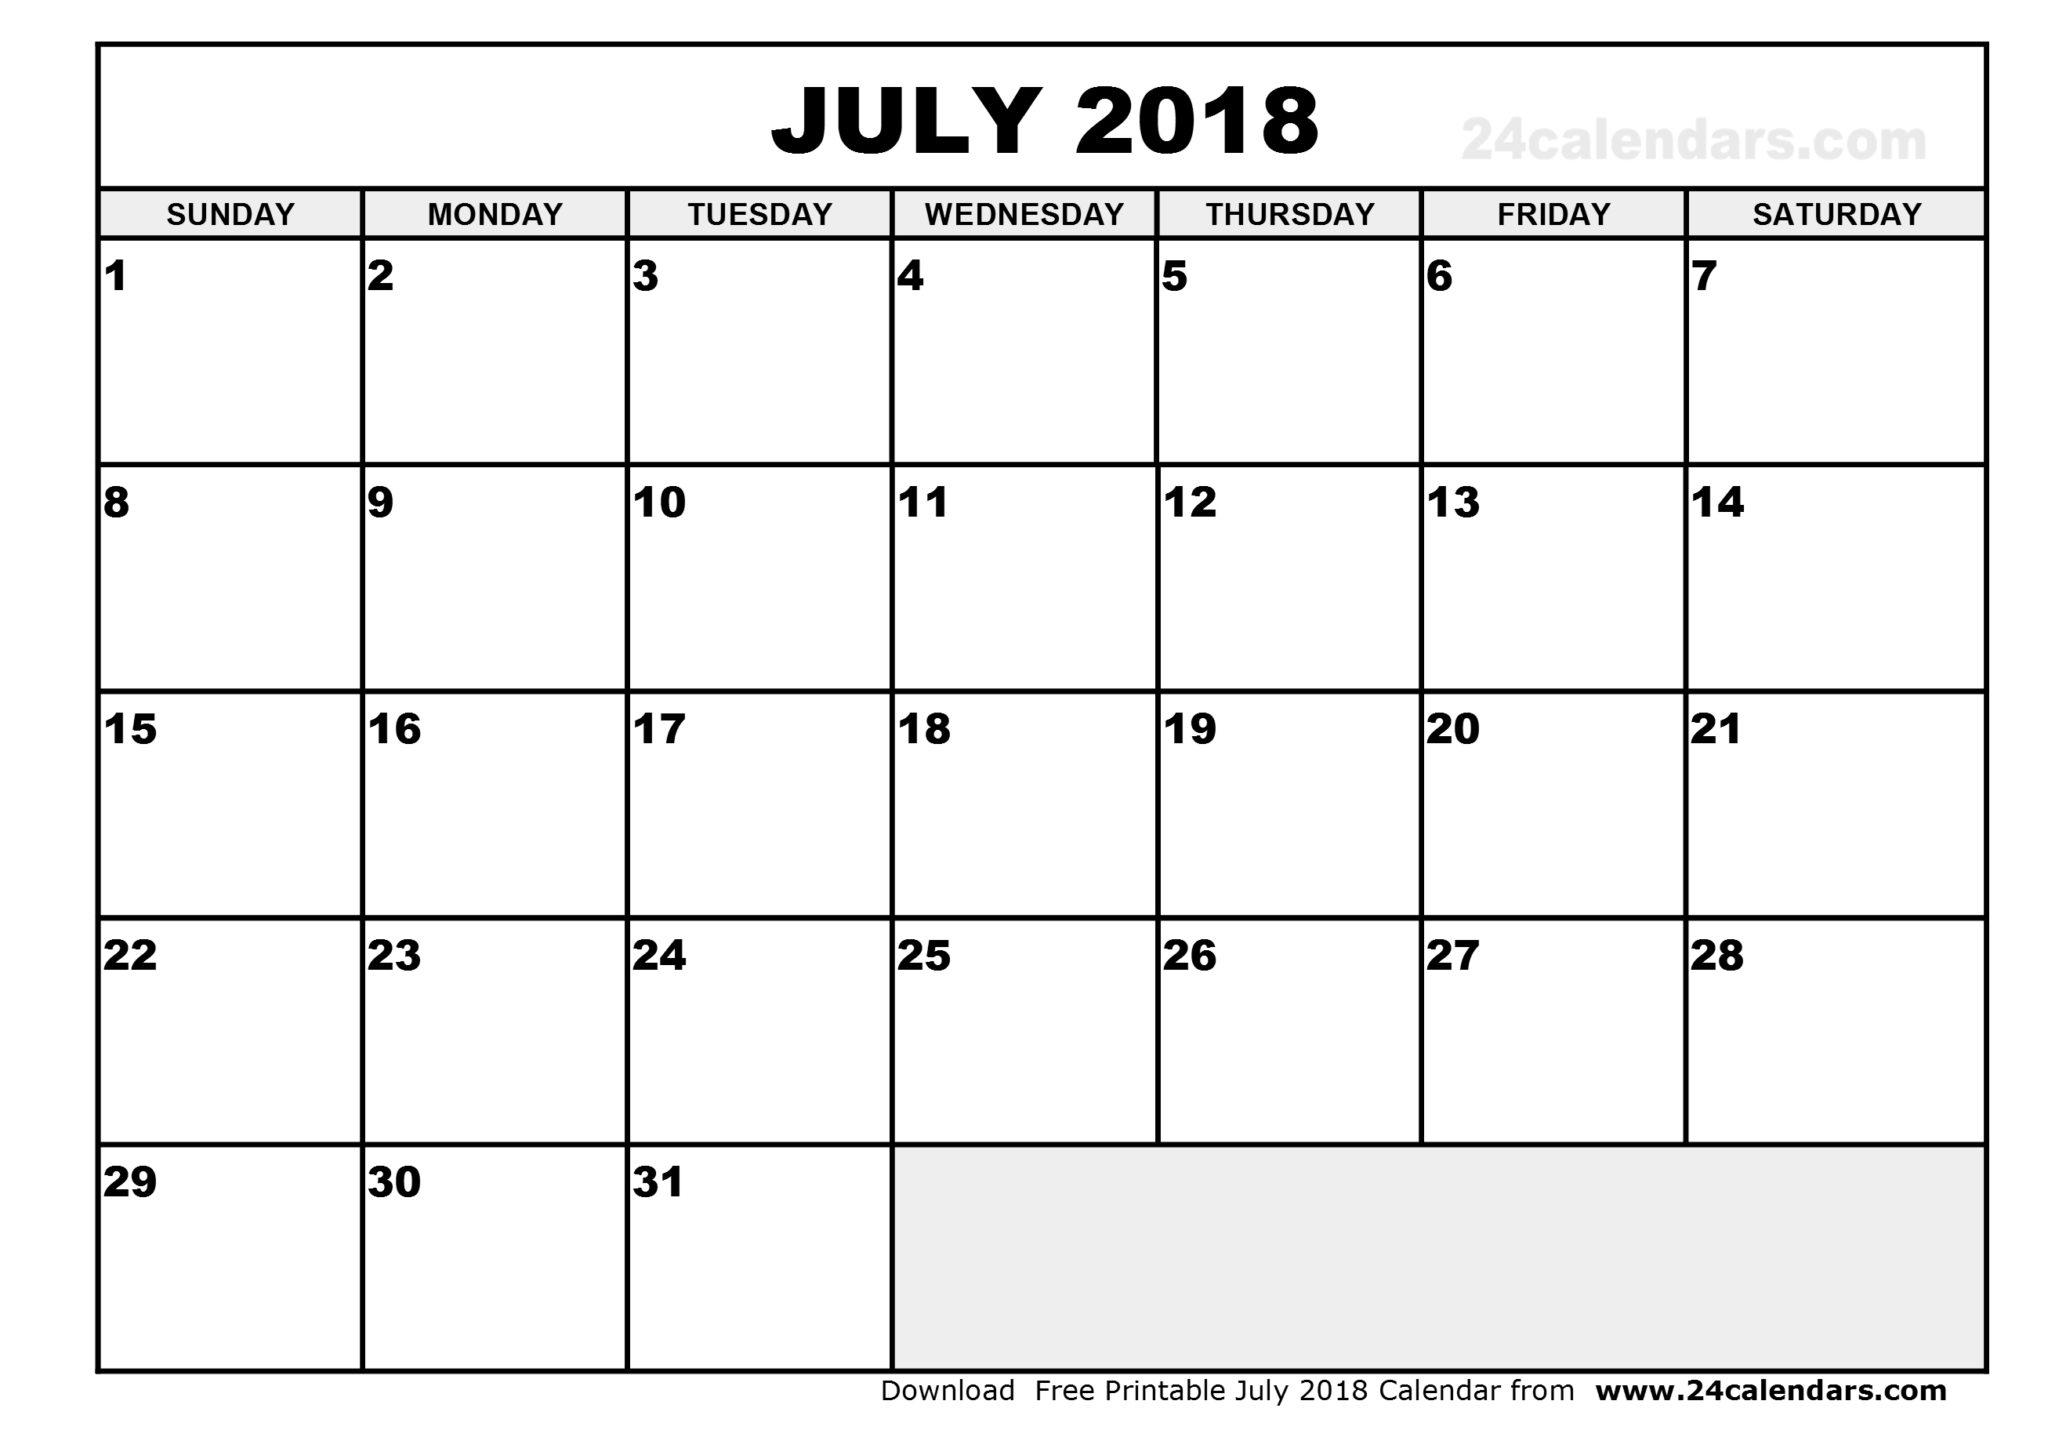 July 2018 Calendar New Zealand